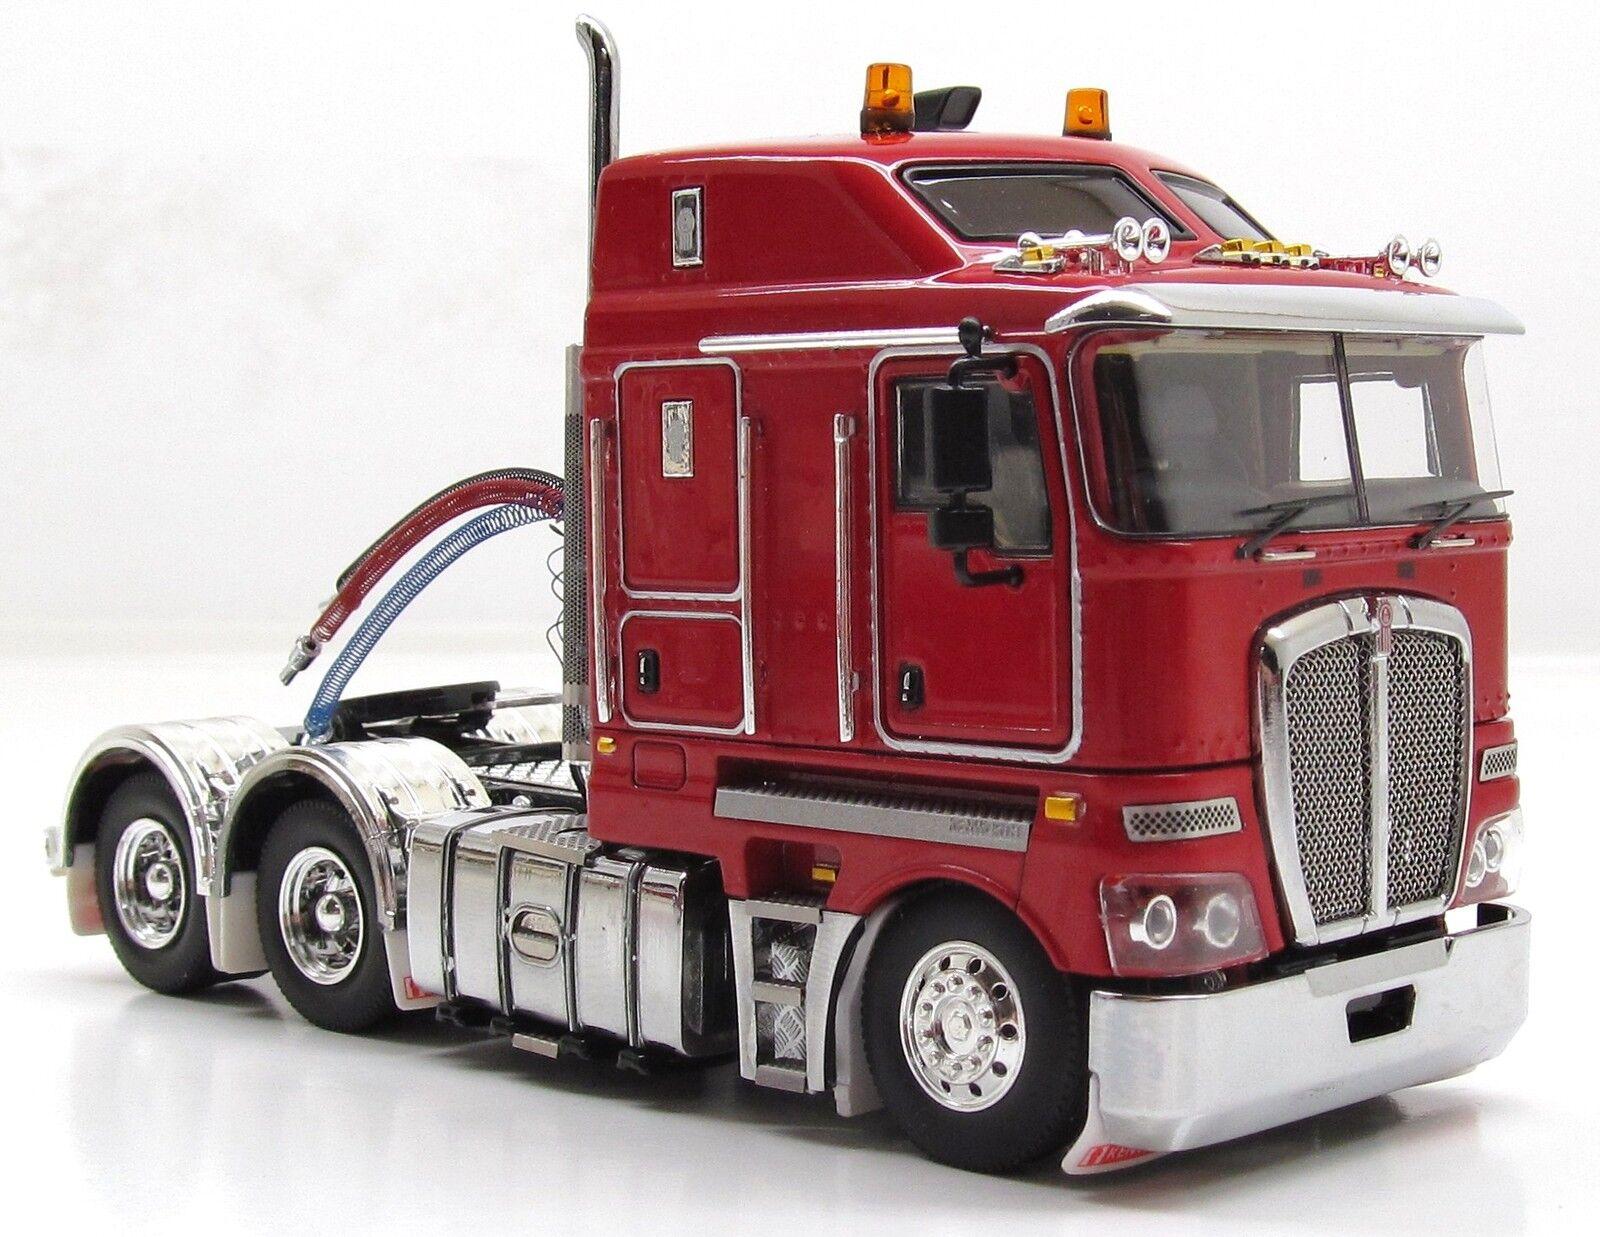 compras de moda online Kenworth K200 Drake Drake Drake camión tractor -  rojo Rojo  - 1 50-TWh   129a-01351  venta